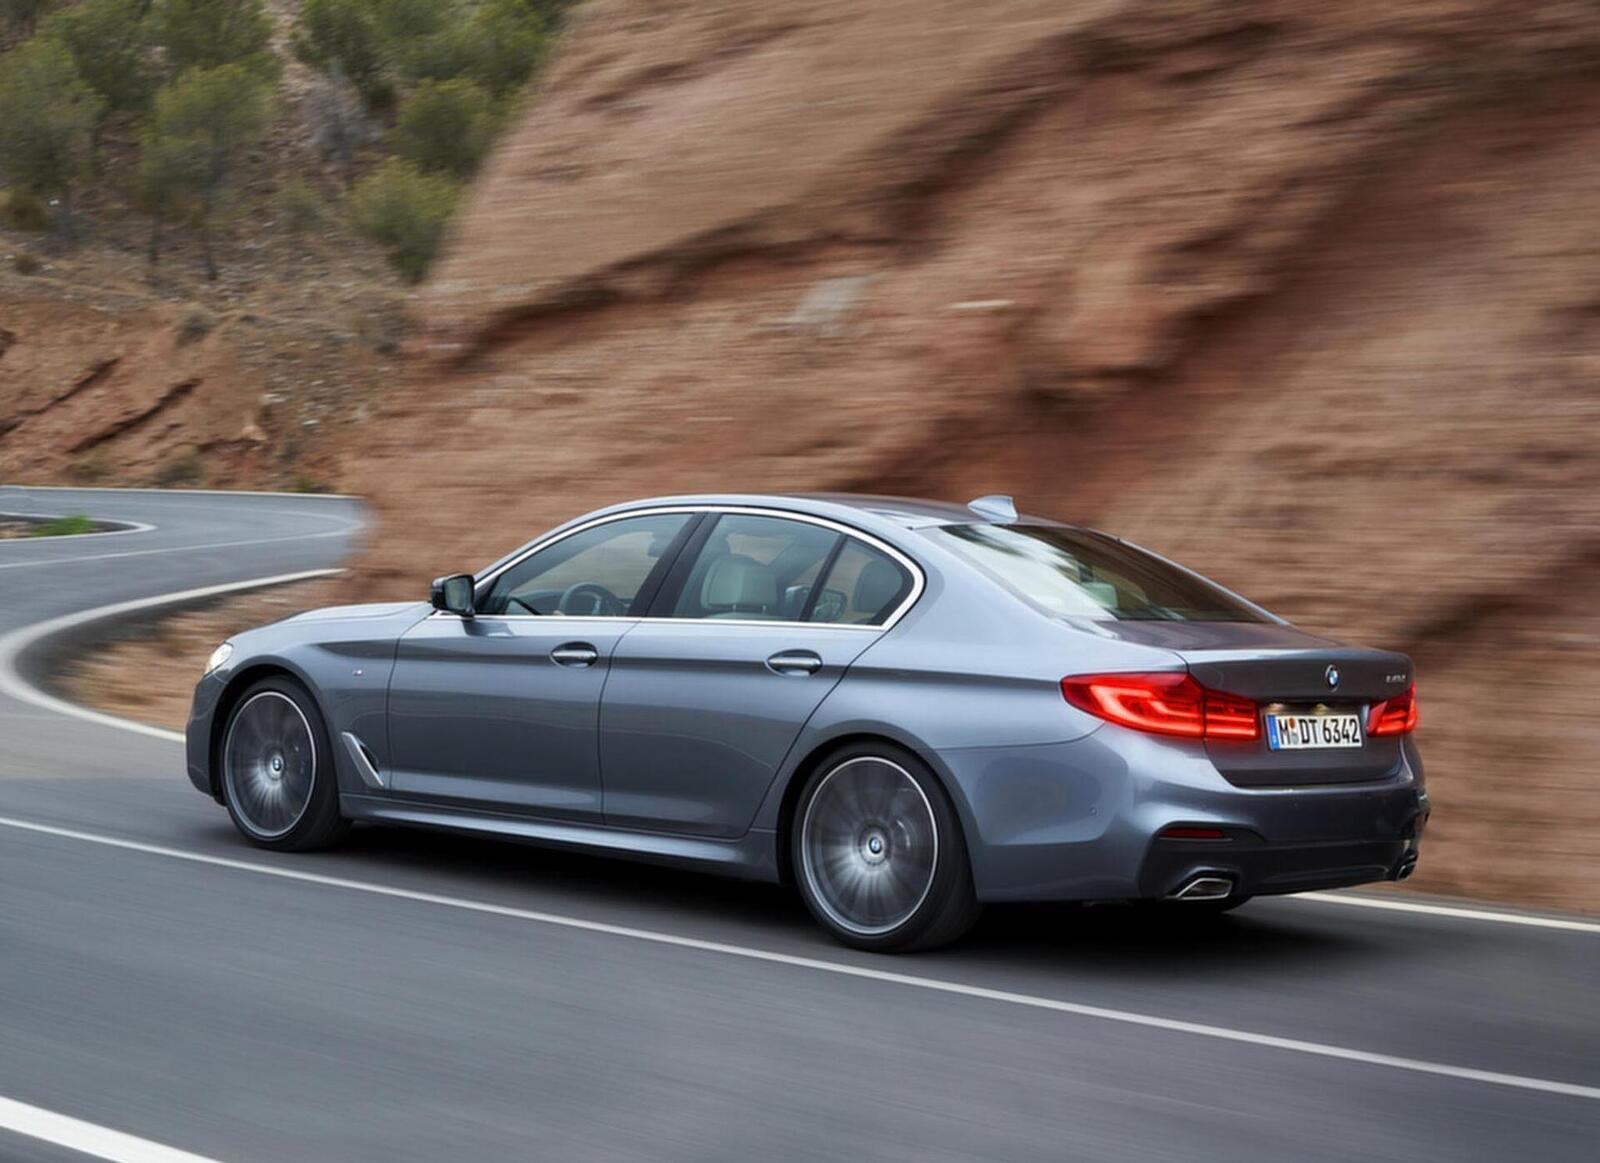 Lộ giá bán của BMW 520i và 530i thế hệ mới tại Việt Nam; từ 2,389 đến 3,069 tỷ đồng - Hình 4